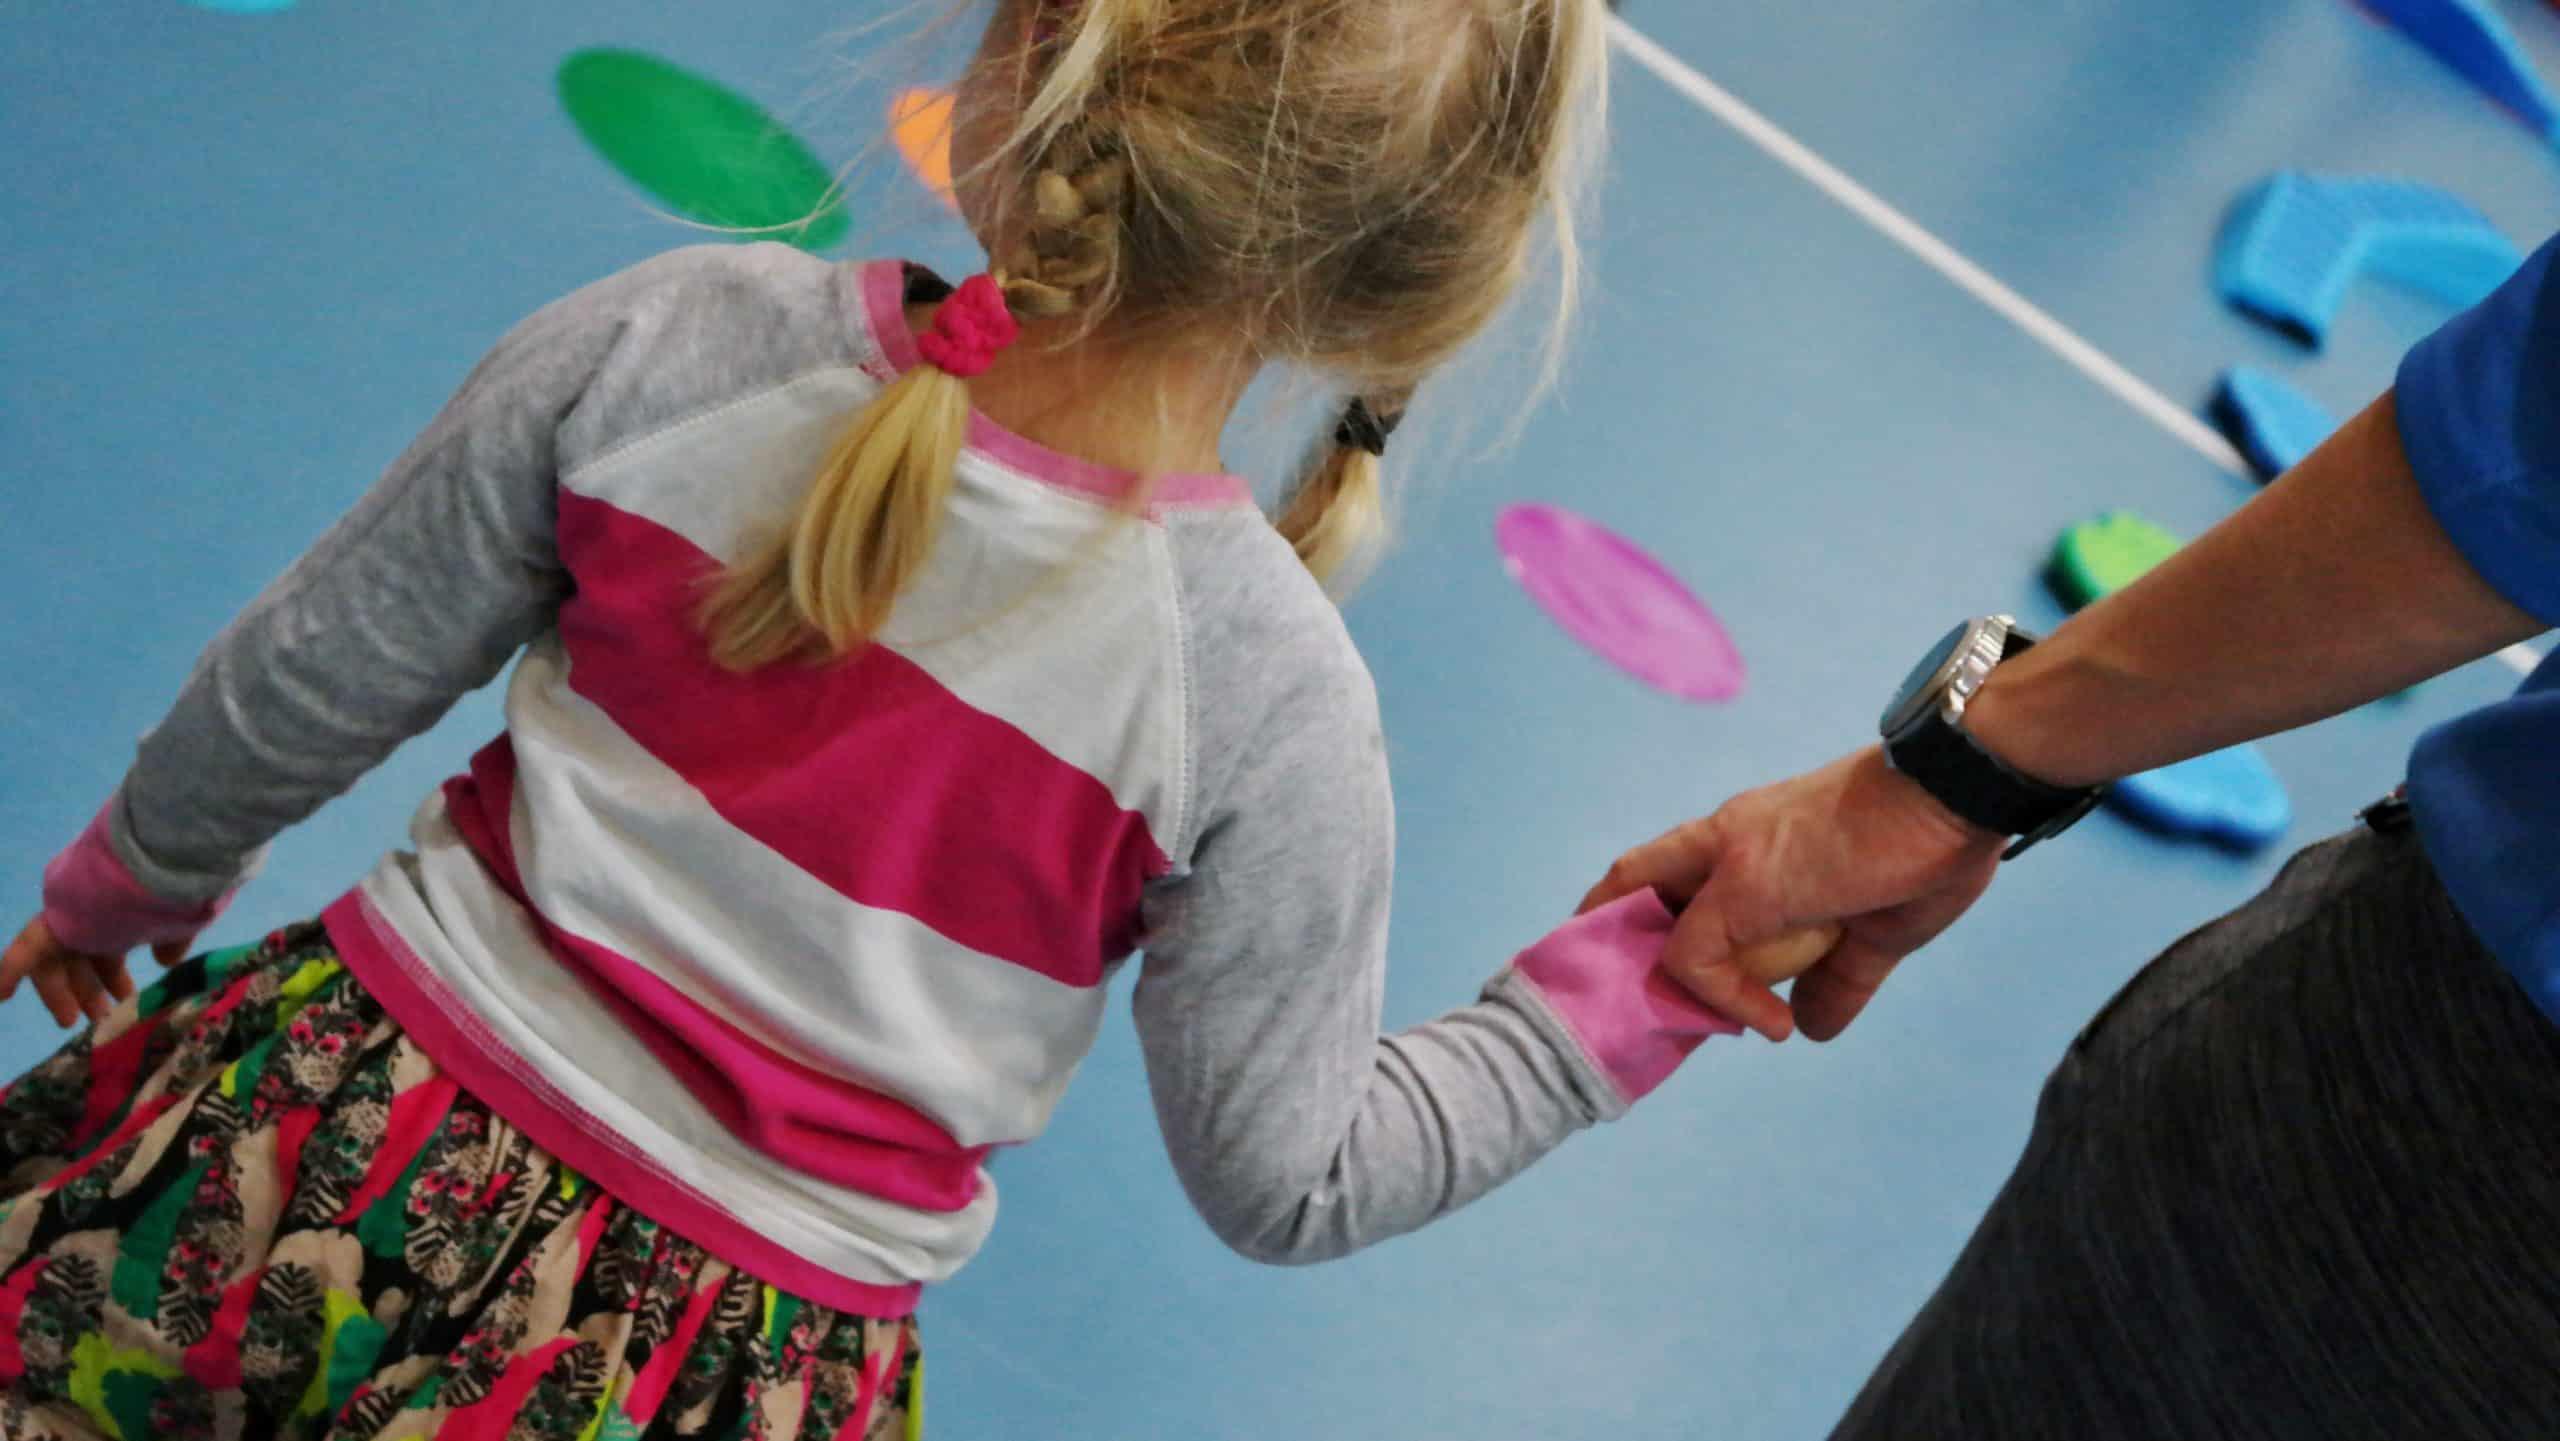 Ett barn i idrottshall hand i hand med en vuxen